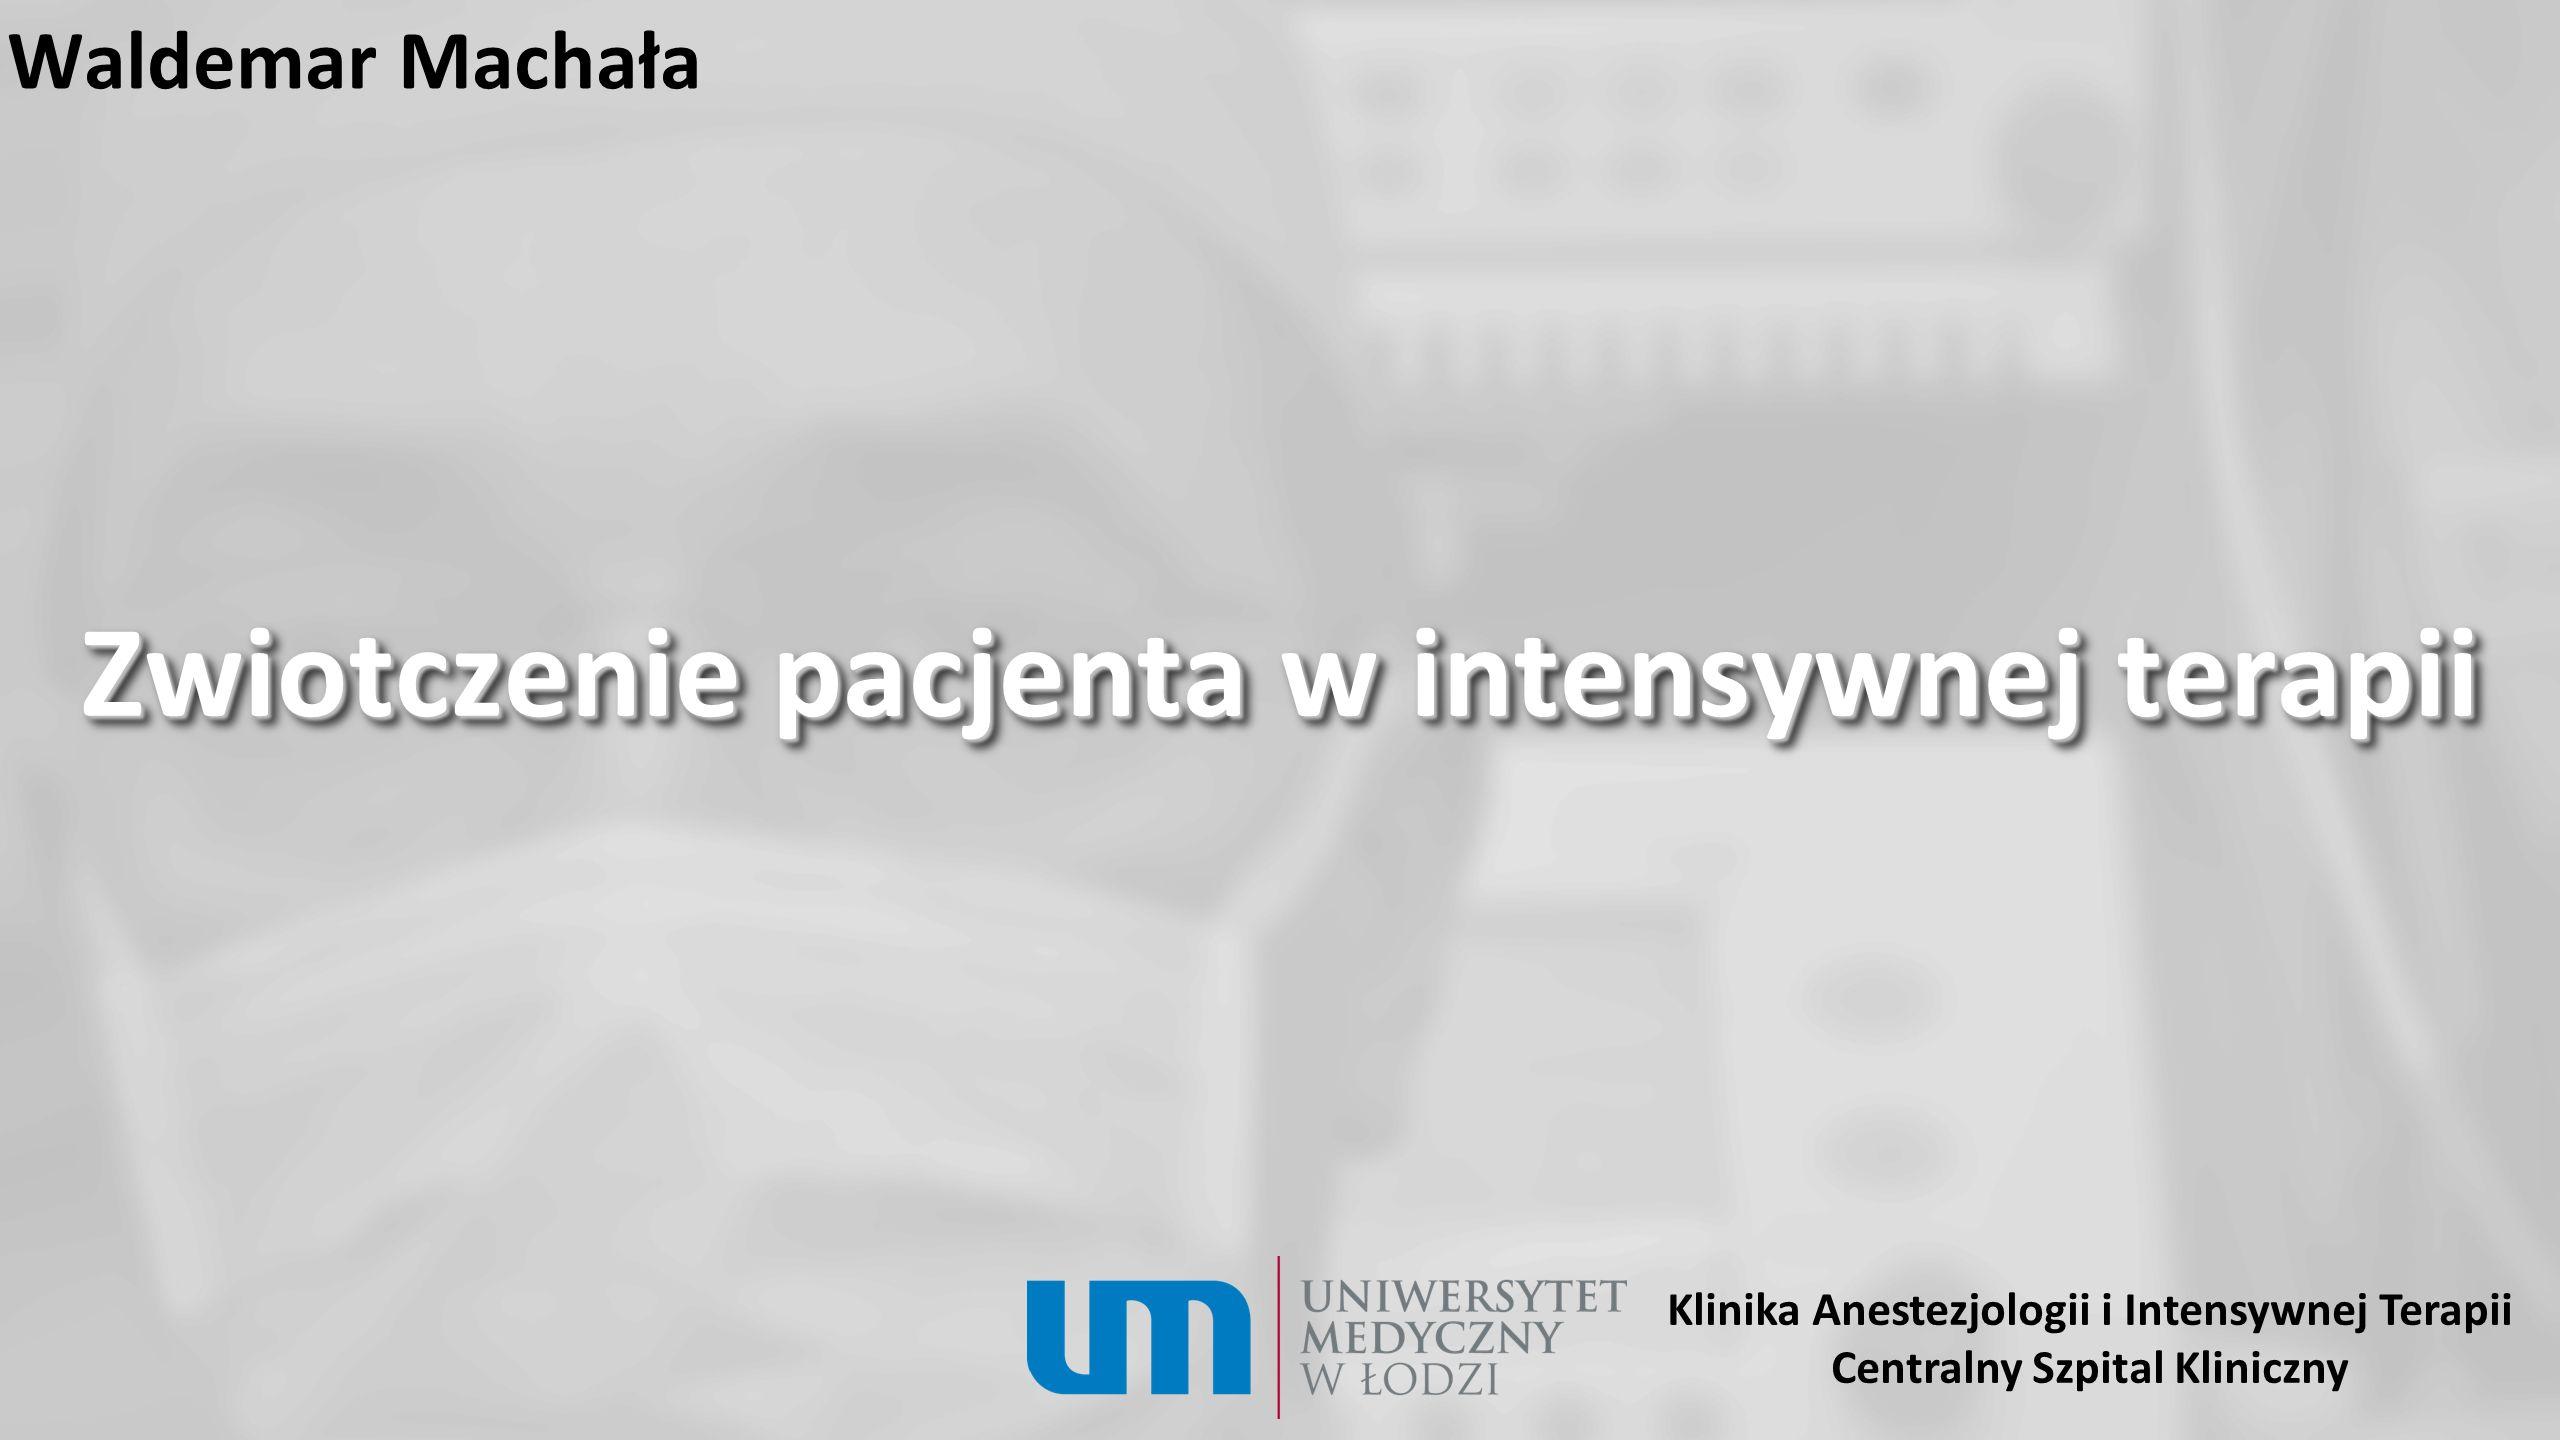 Środki zwiotczające mięśnie w OIT otarcie rogówek 1.Honiden S, Siegel MD: Analytic reviews: Managing the agitated patient in the ICU: sedation, analgesia, and neuromuscular blockade.